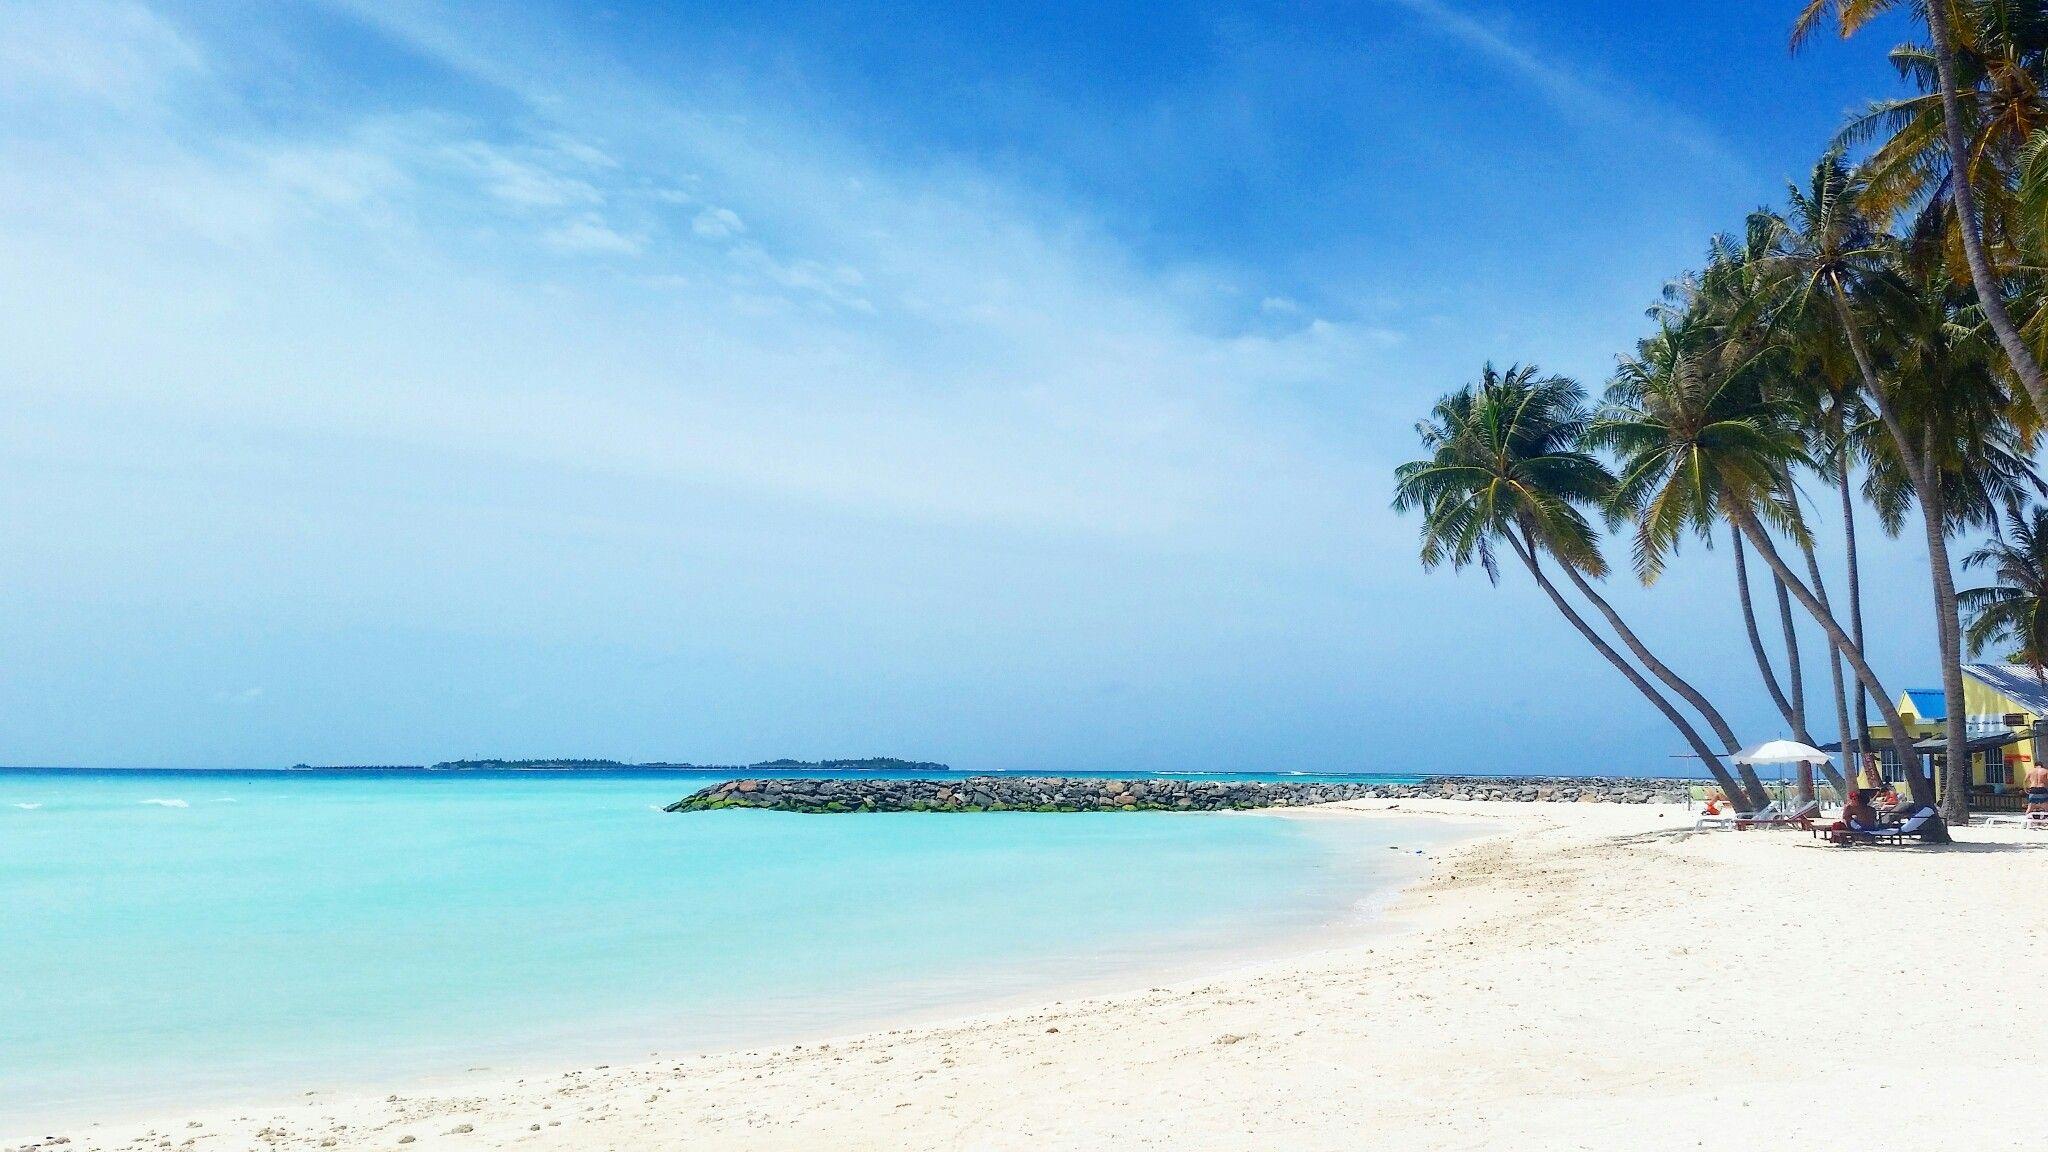 Bikini beach in Maafushi, Maldives